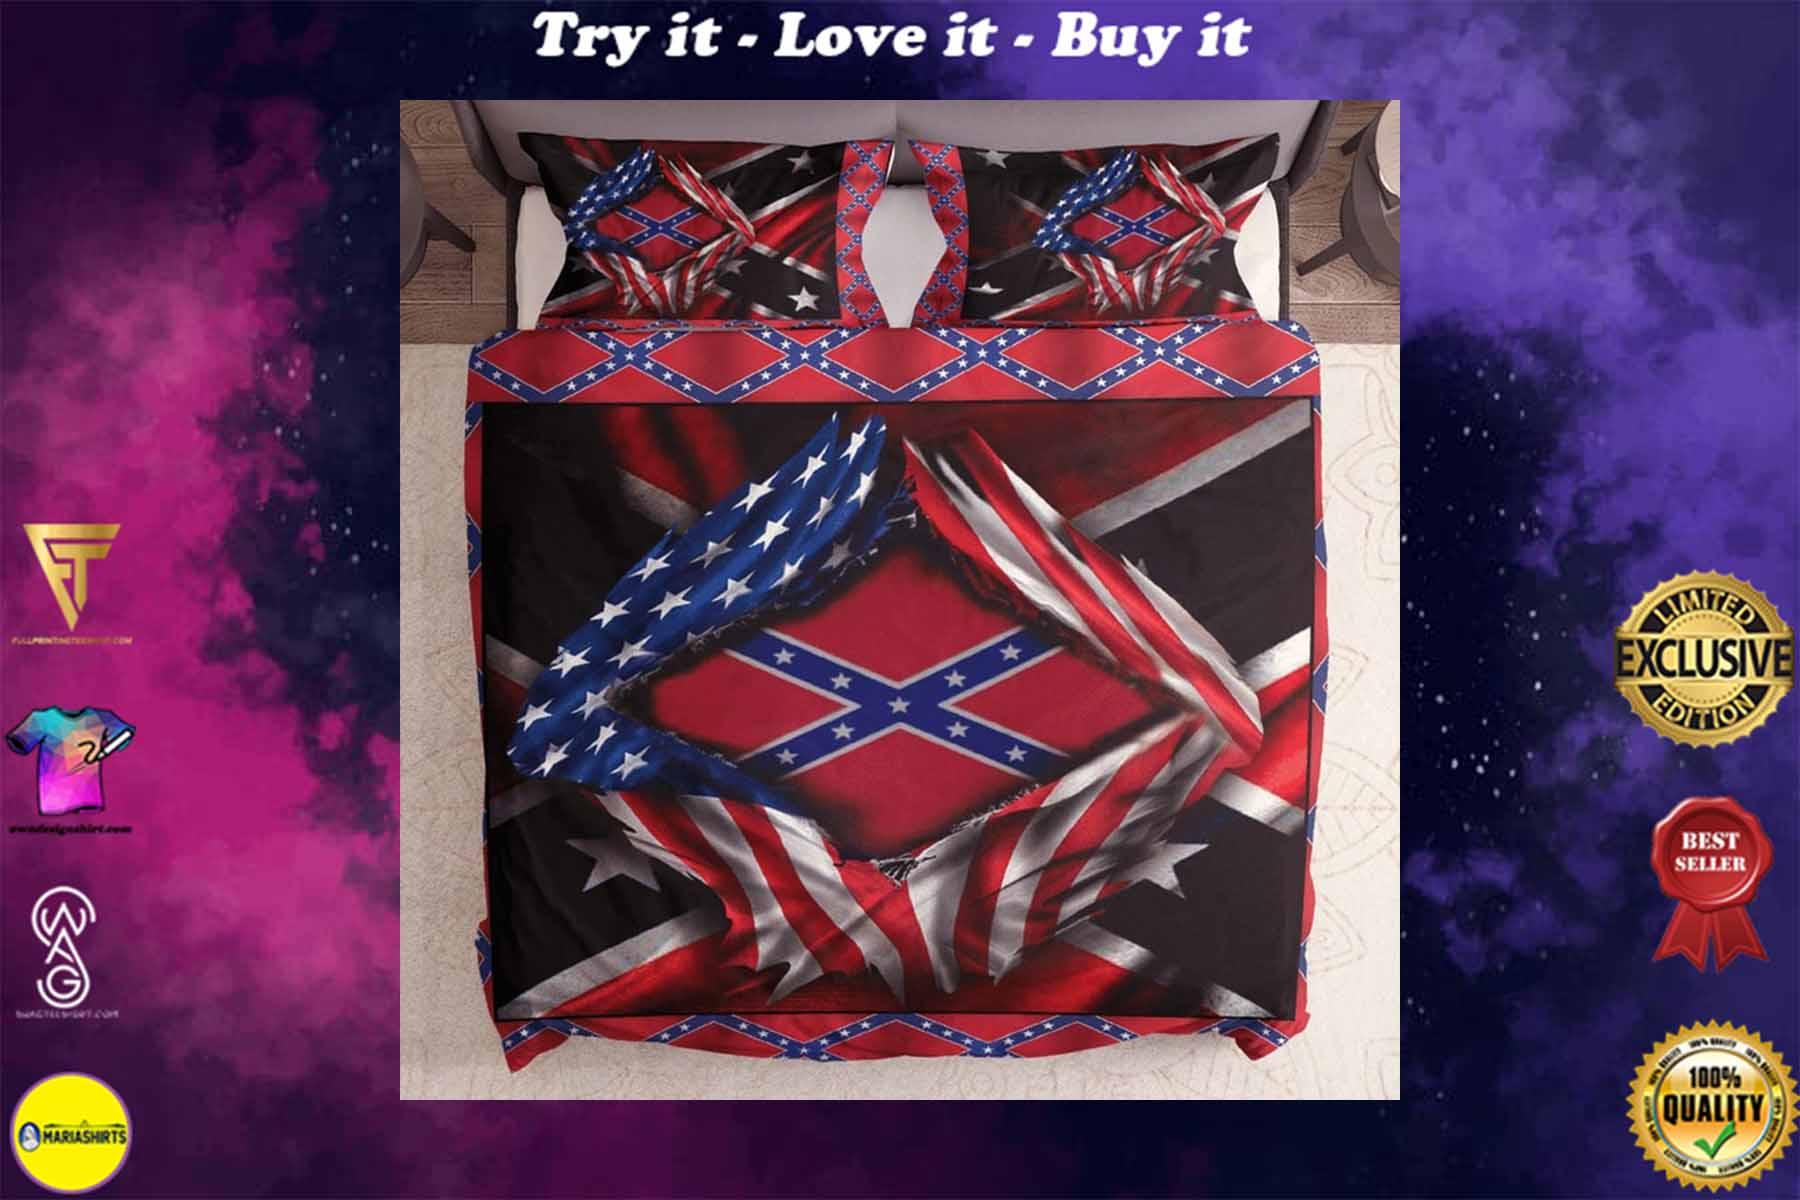 [special edition] usa flag and confederate flag bedding set - maria